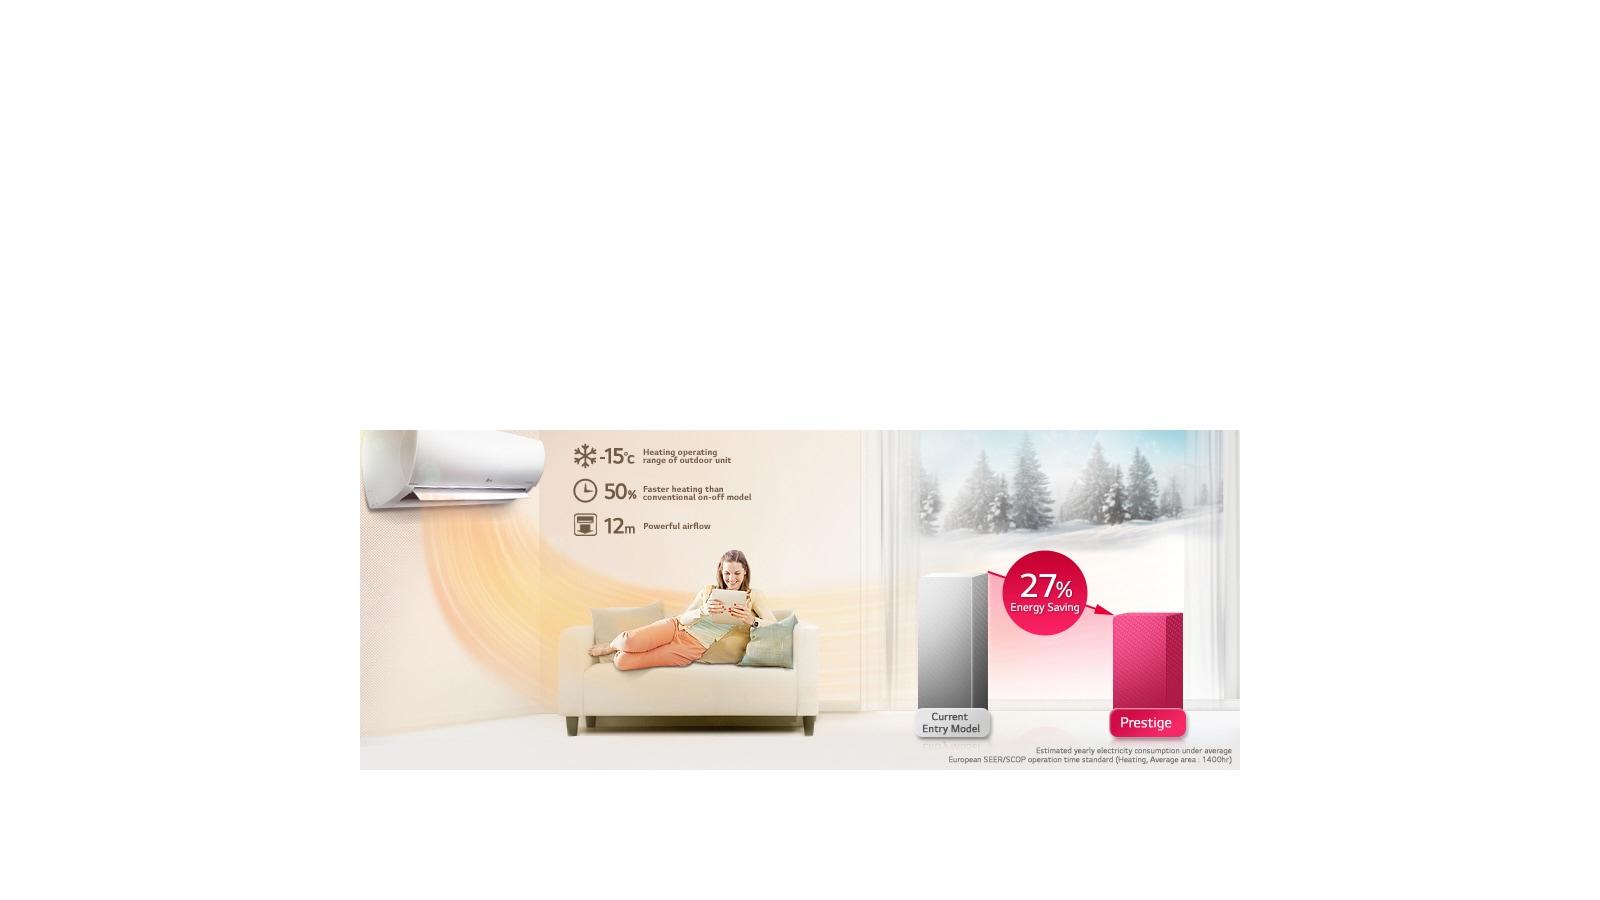 lg h09al climatisation lg suisse. Black Bedroom Furniture Sets. Home Design Ideas